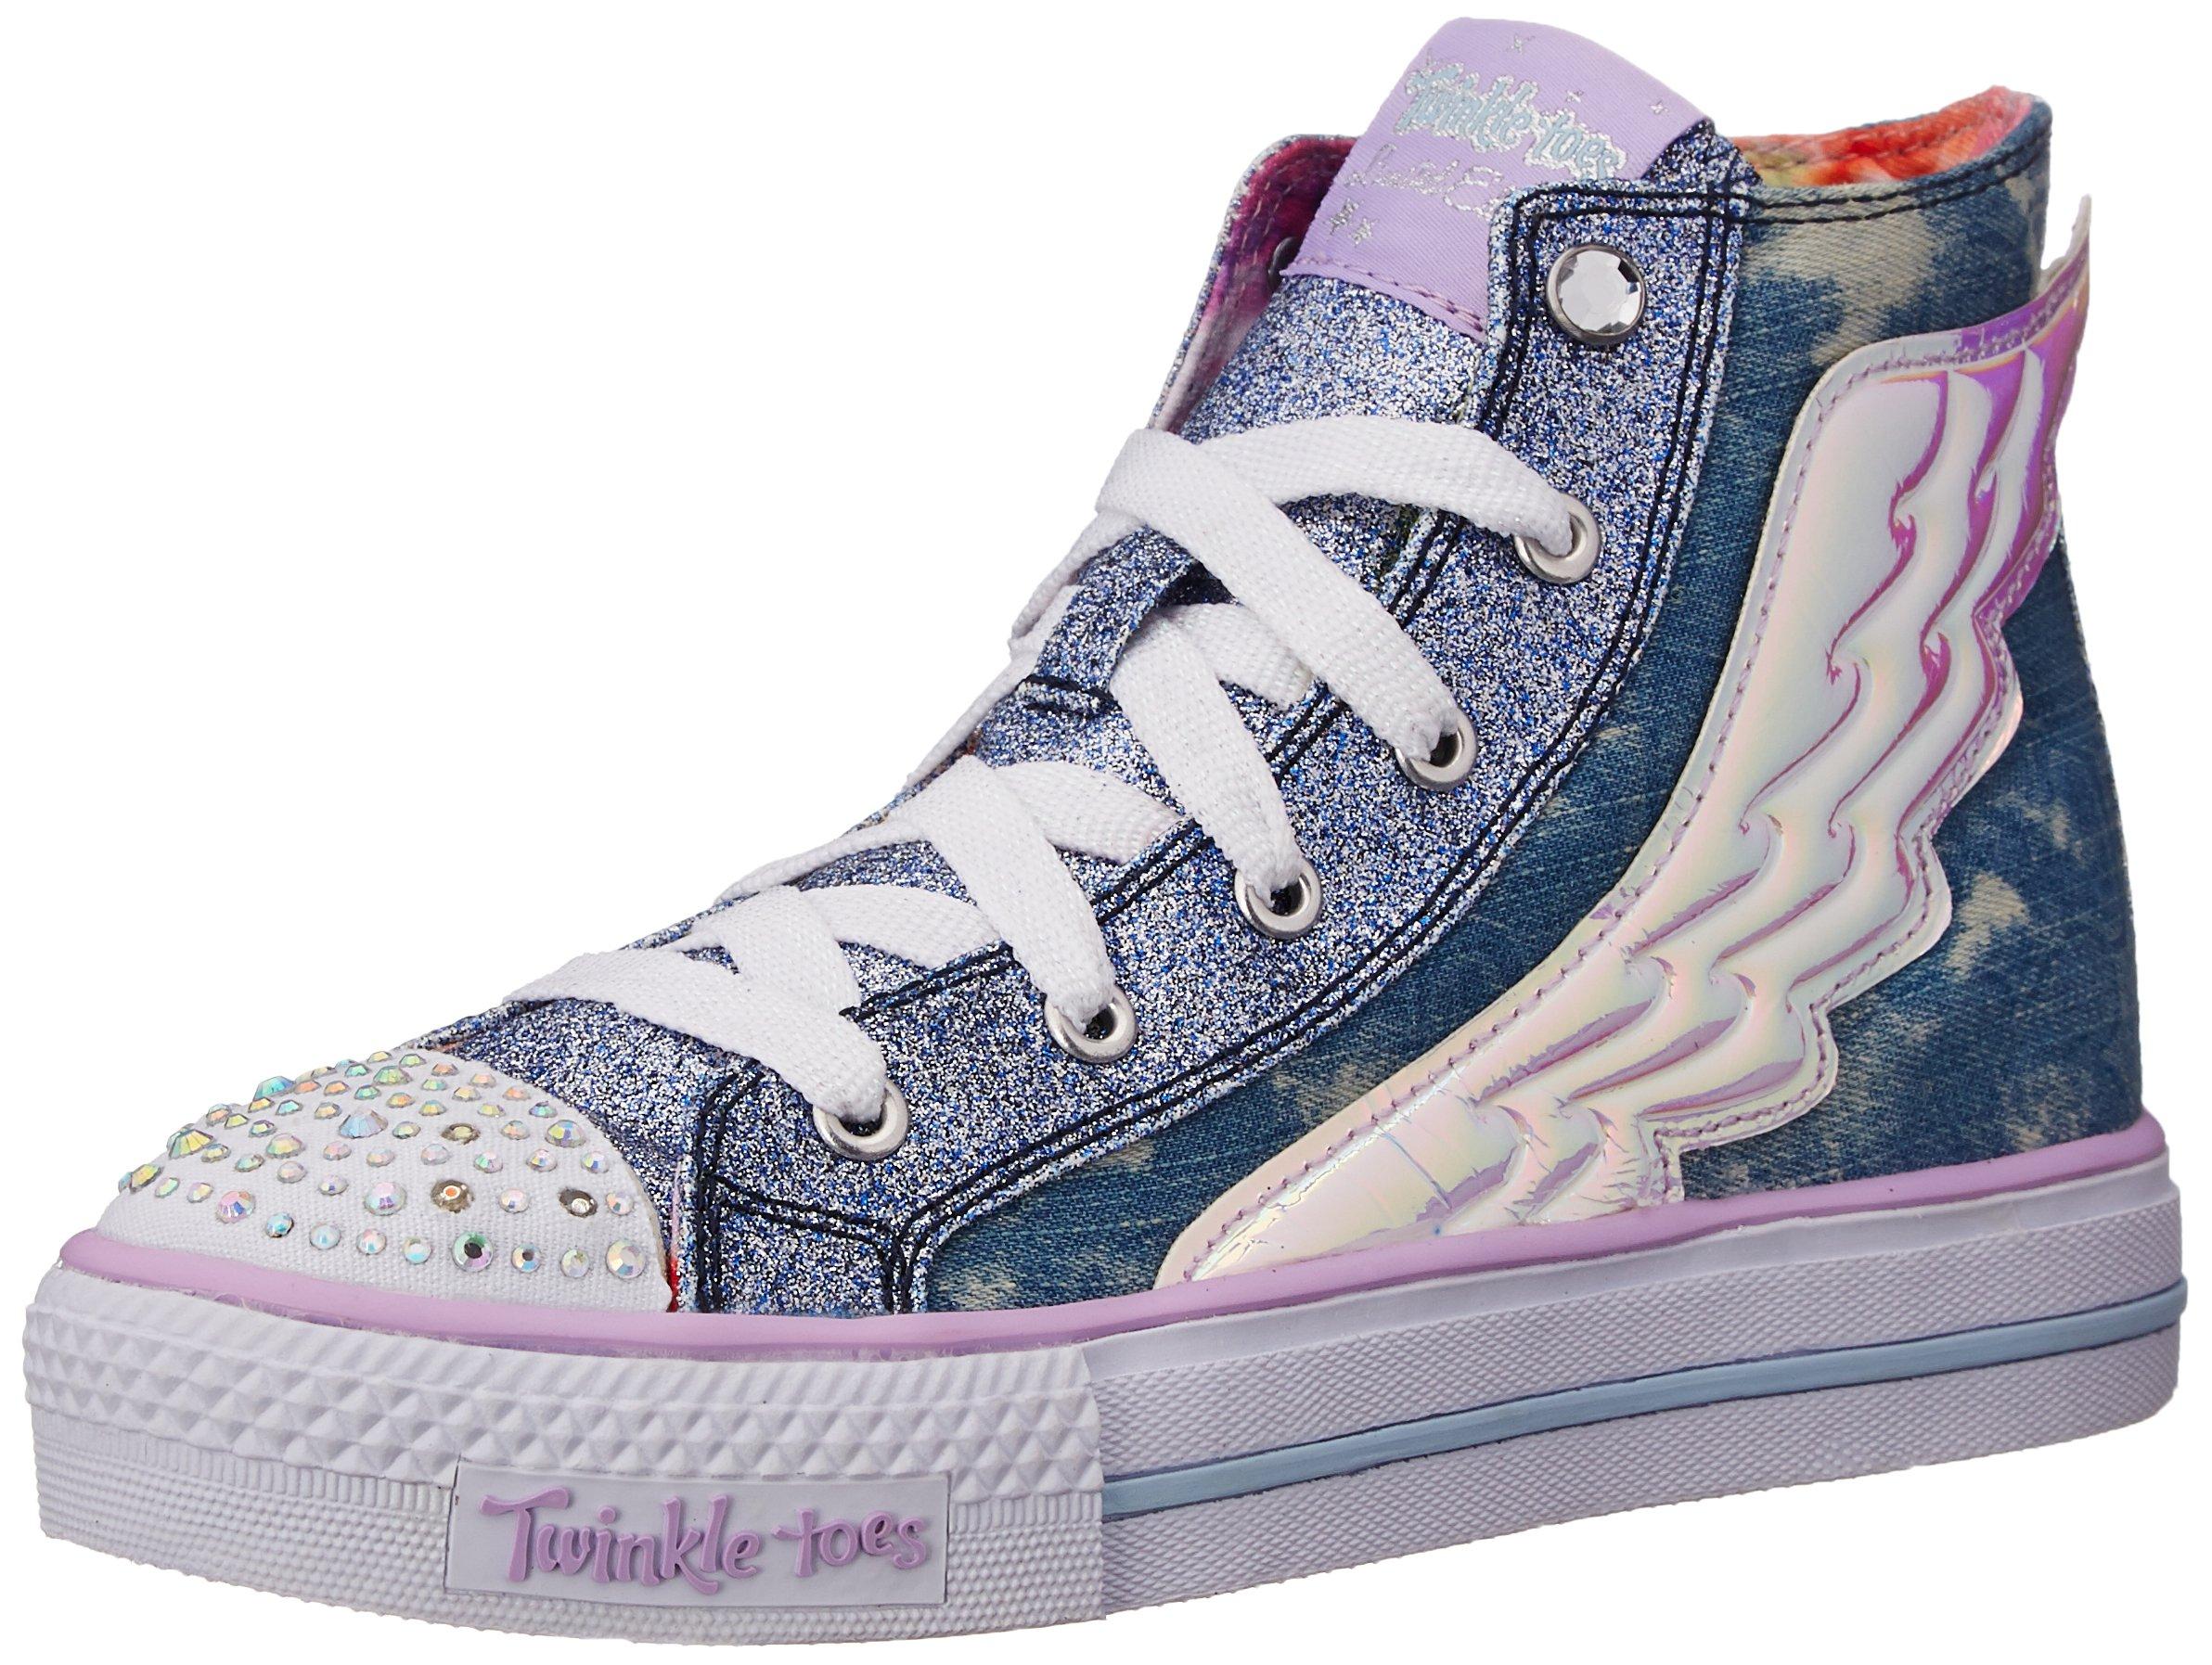 SKECHERS KIDS Girl's Twinkle Toes - Shuffles 10565L Lights (Little Kid/Big Kid) Denim Shoe